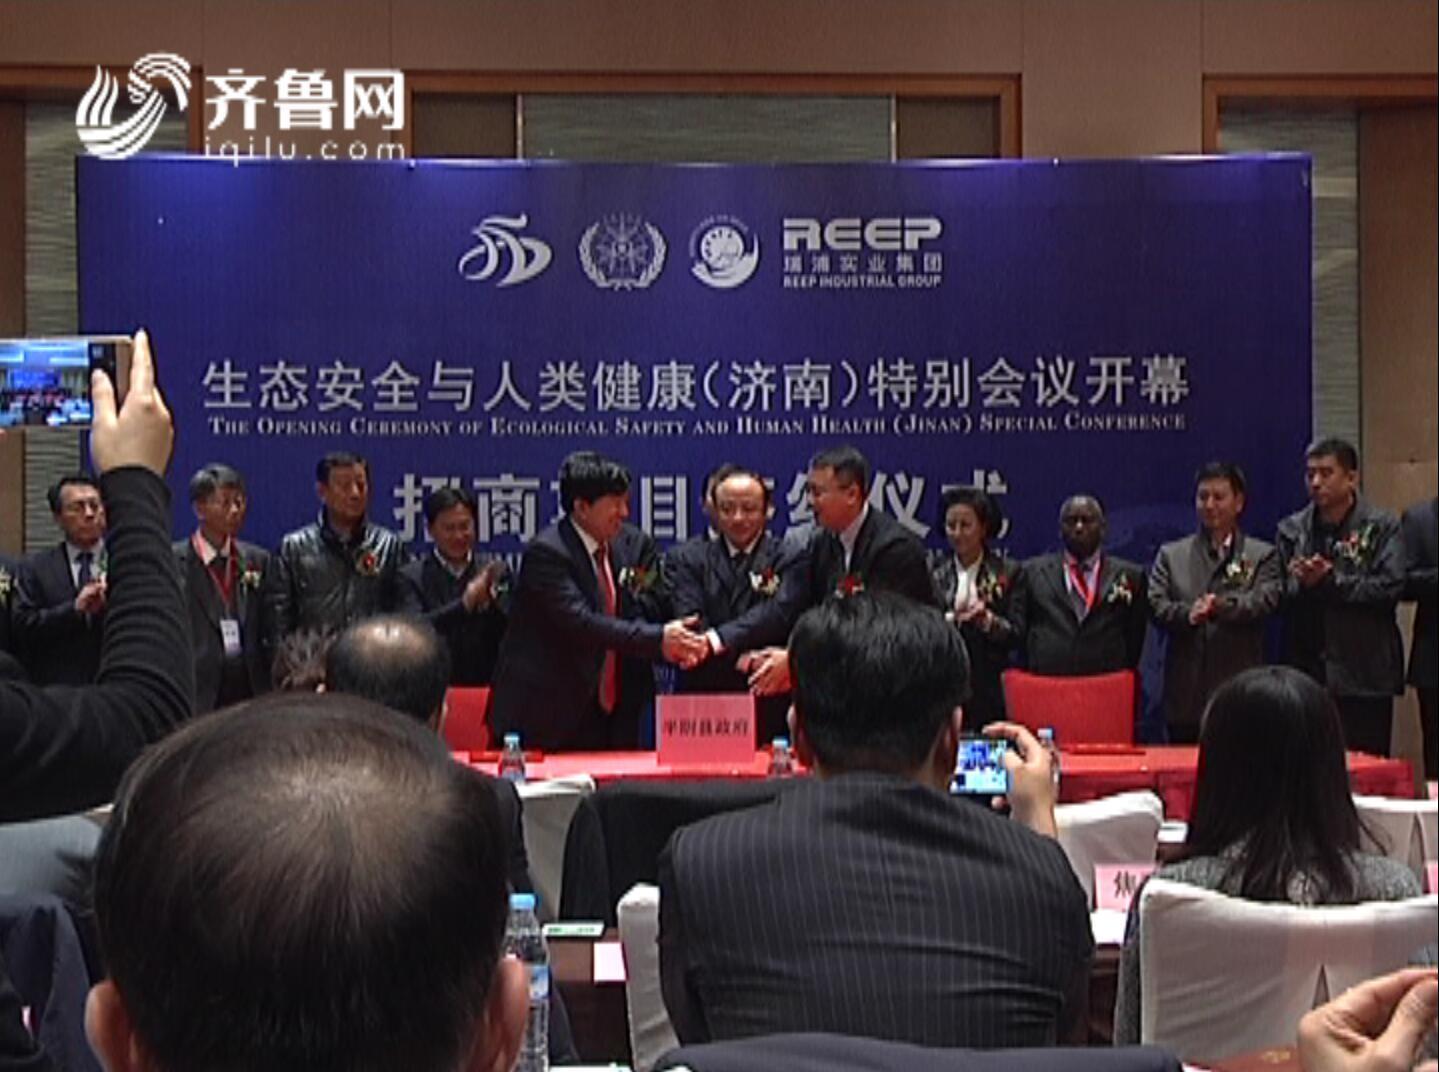 生态安全与人类健康(济南)特别会议开幕暨招商项目签约仪式